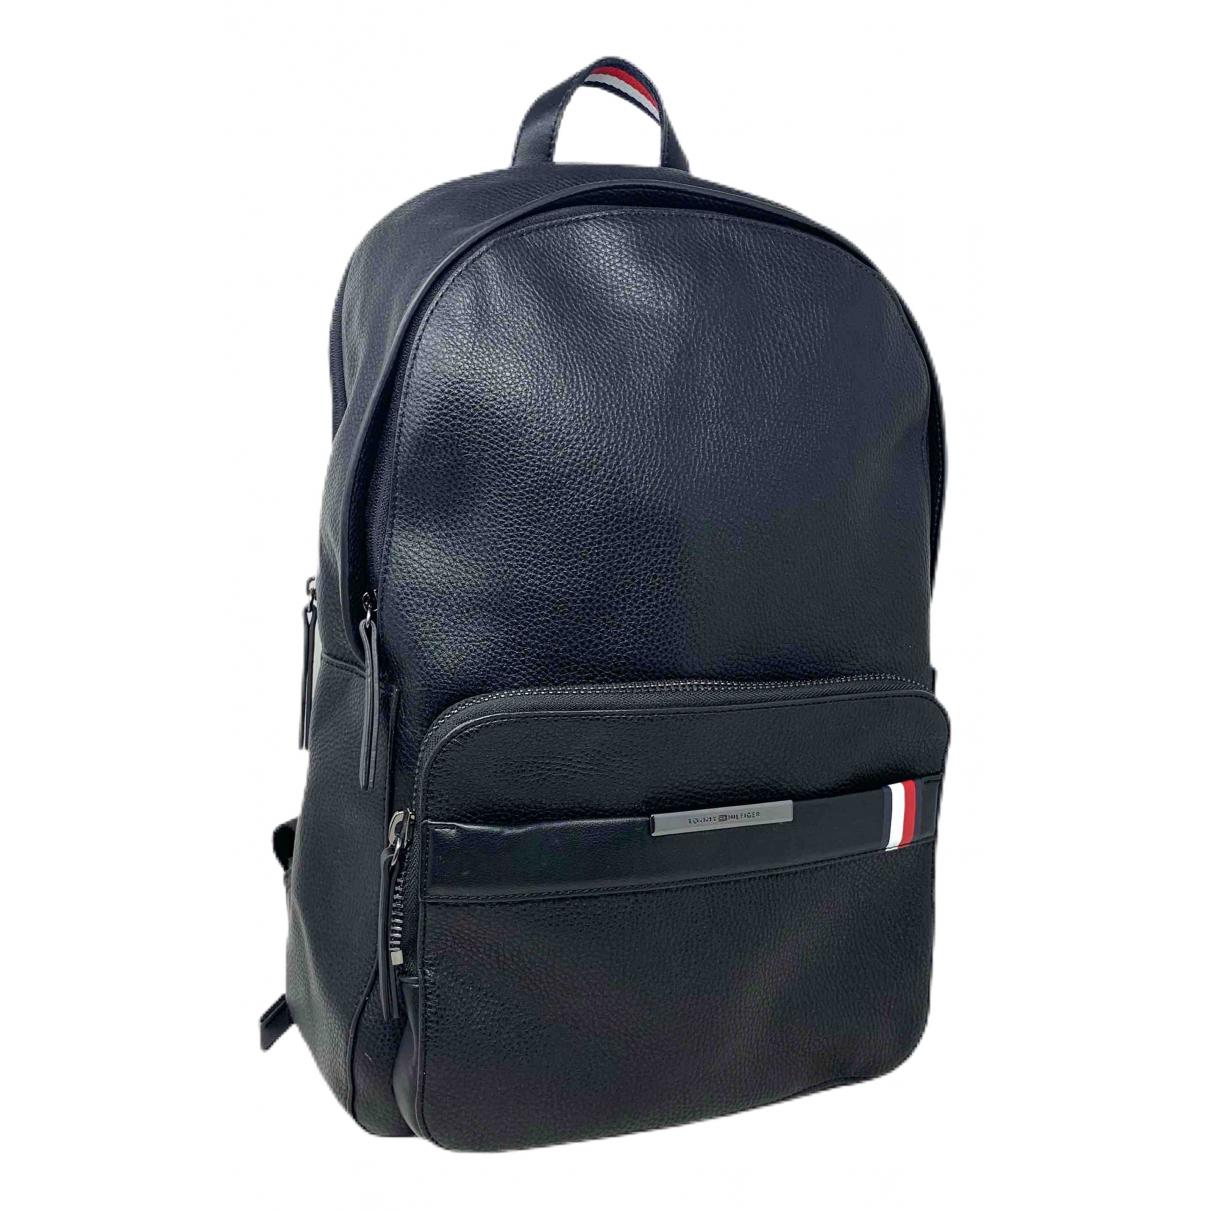 Tommy Hilfiger \N Black Leather backpack for Women \N